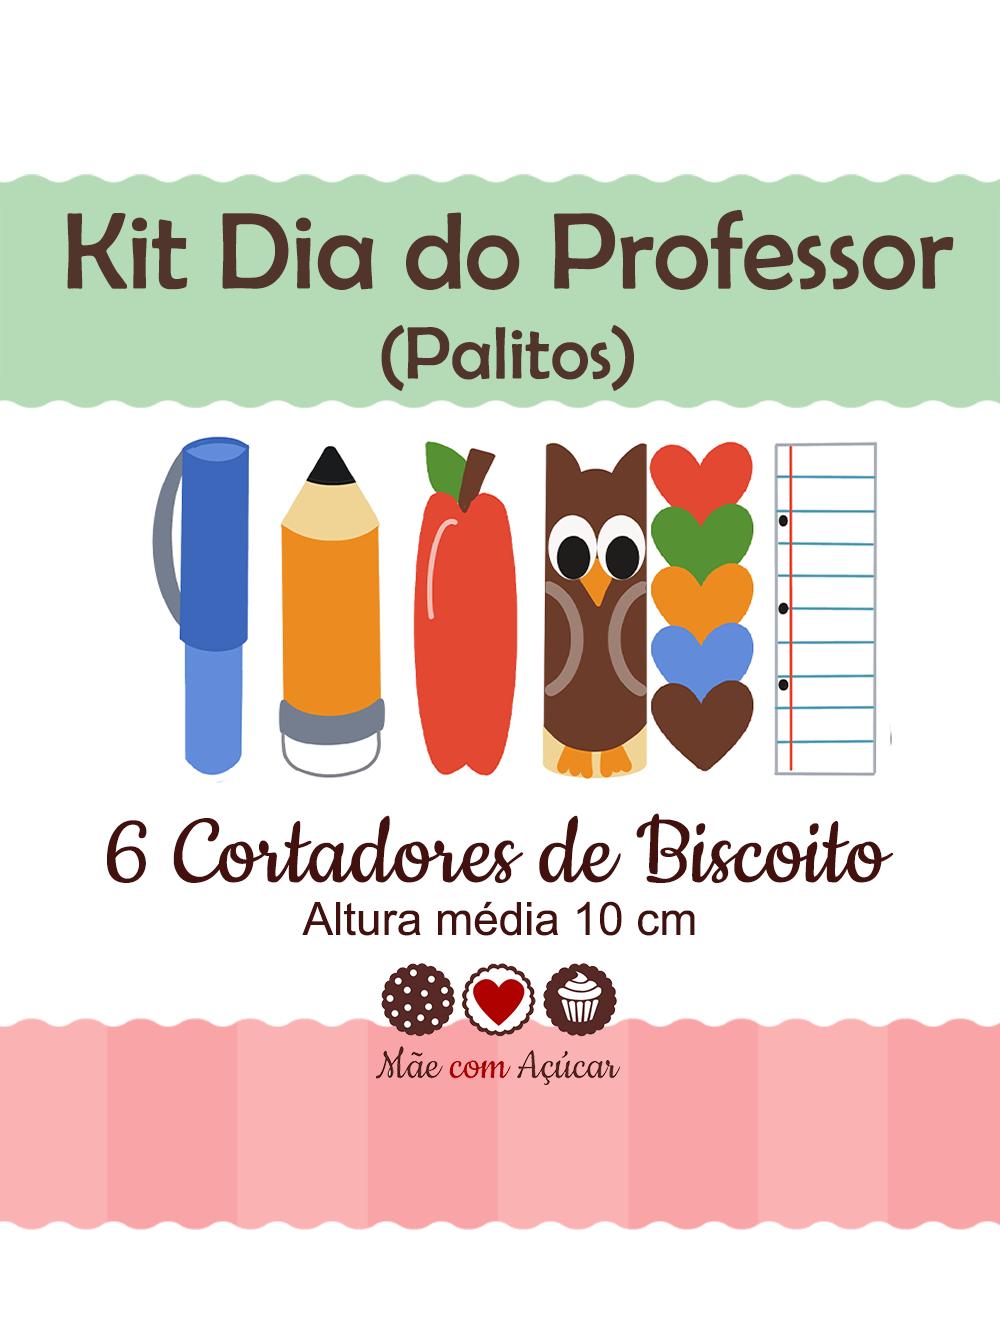 Kit de Cortadores de Biscoito Tema Dia do Professor - Palitinhos